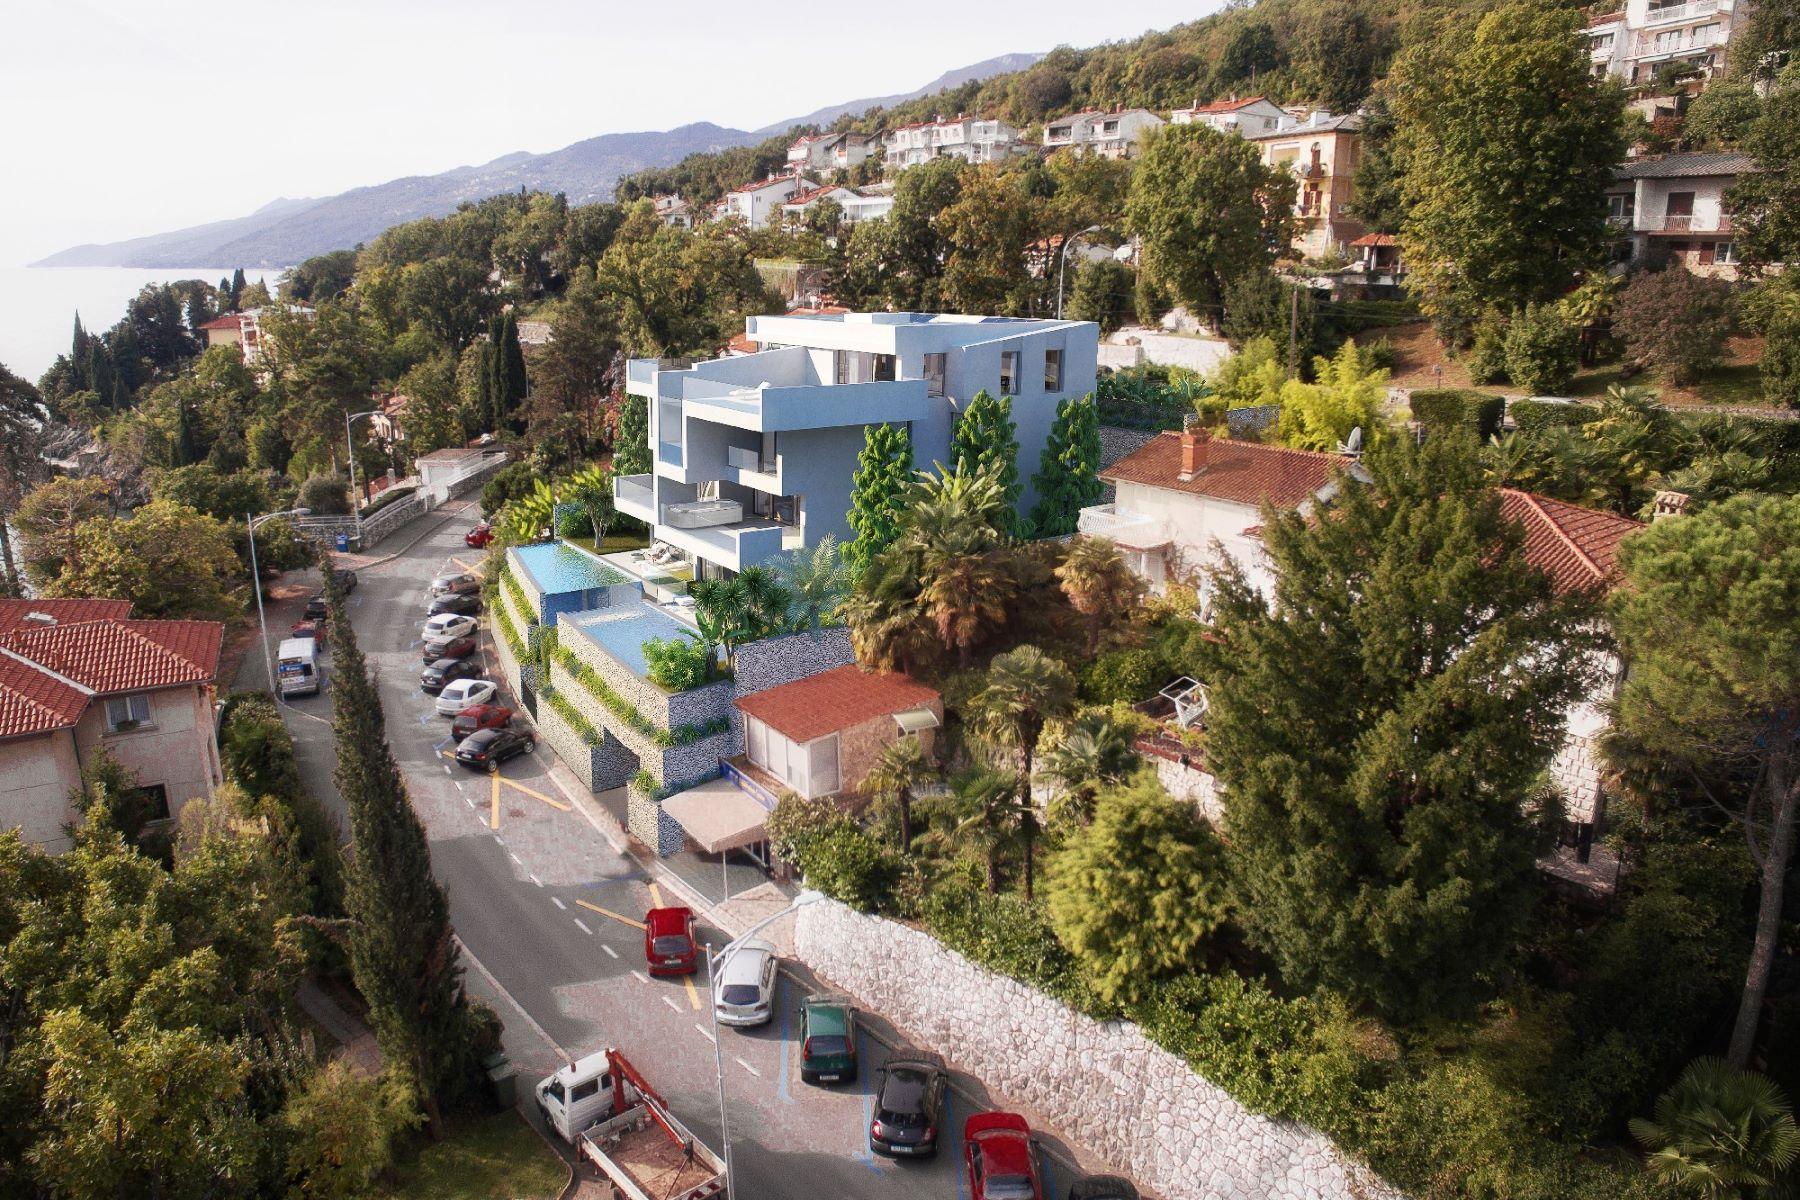 شقة للـ Sale في Apartment Marquize Diamond Other Primorje Gorski, Primorje Gorski, 51410 Croatia